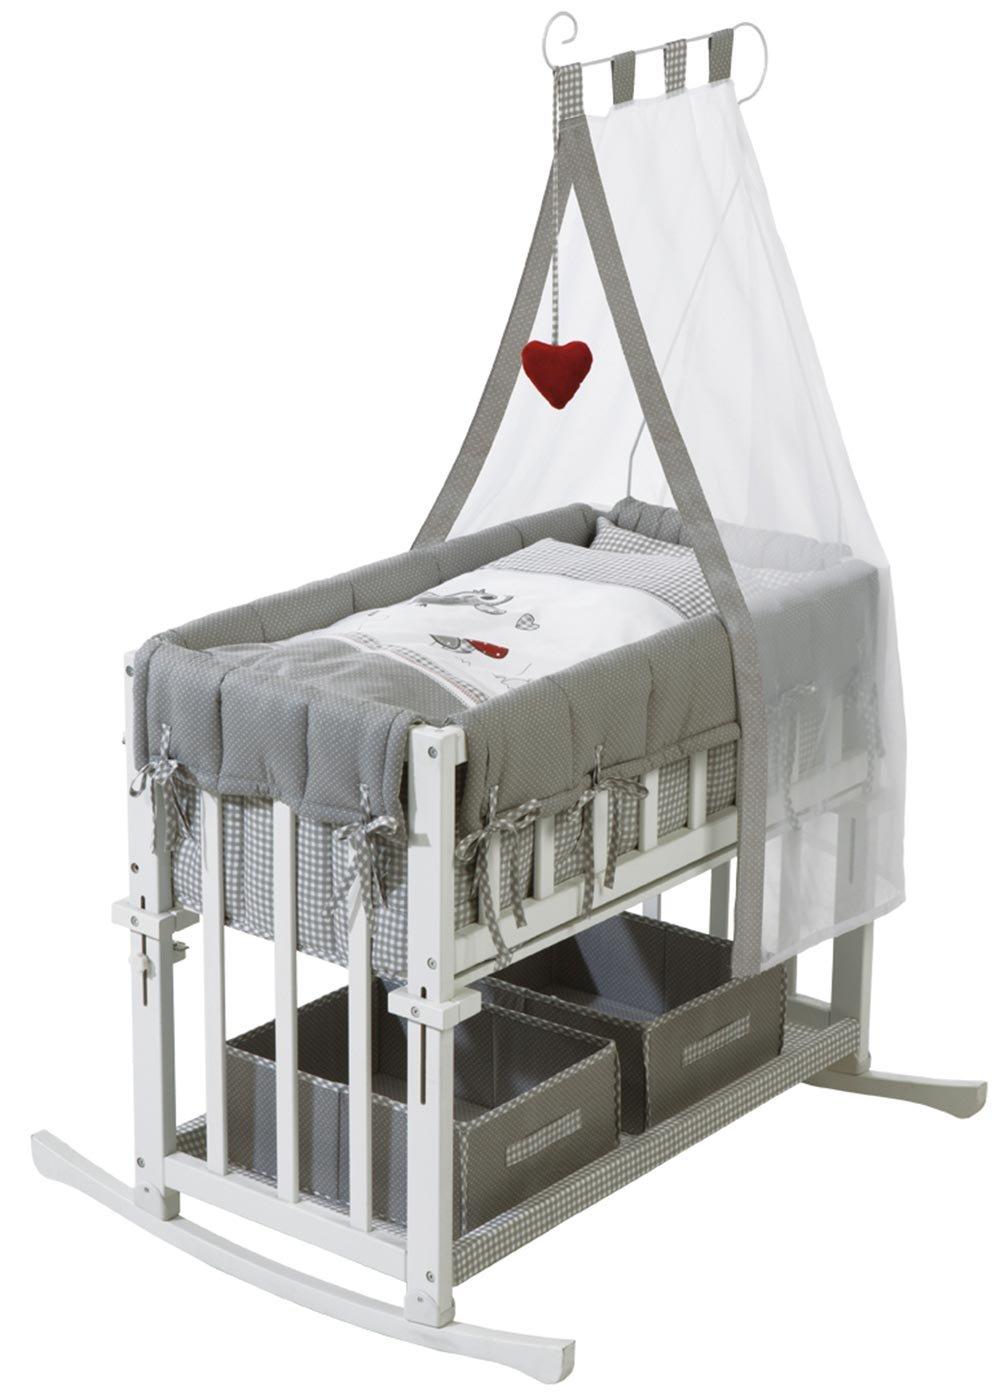 Stubenbett in weiß, Liegefläche: 80×43 cm, vielseitig verwendbar und höhenverstellbar, Maße: B/H/T ca. 148/72/95 cm günstig online kaufen